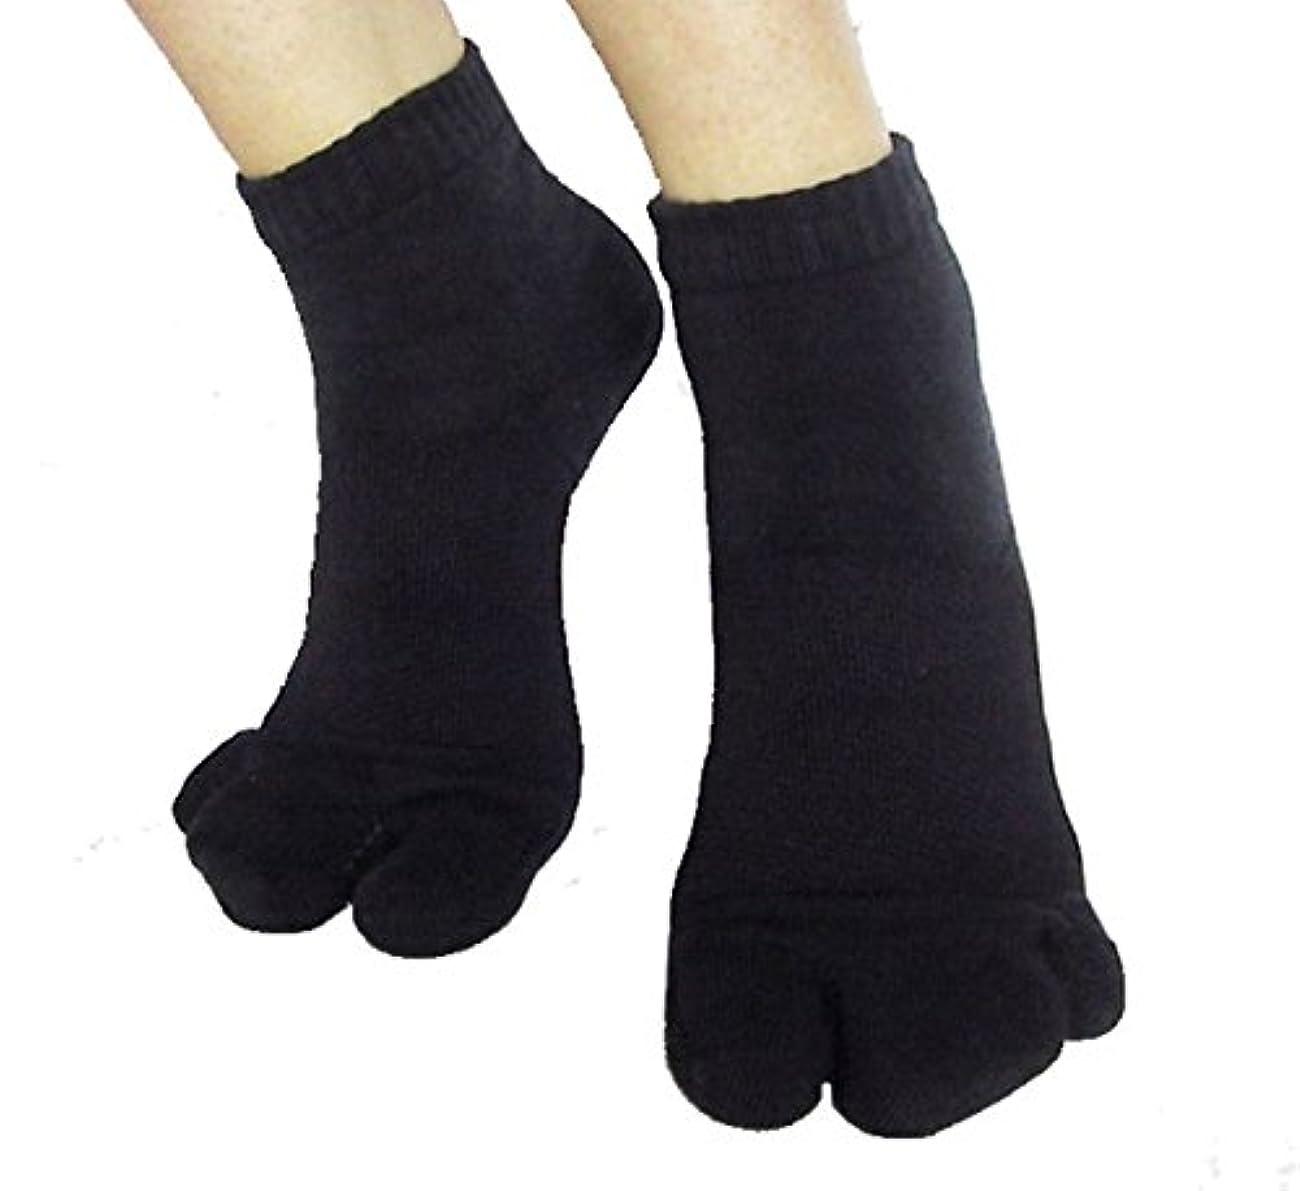 究極のエンコミウム乱気流カサハラ式サポーター ホソックス3本指テーピング靴下 ブラック S22-23cm